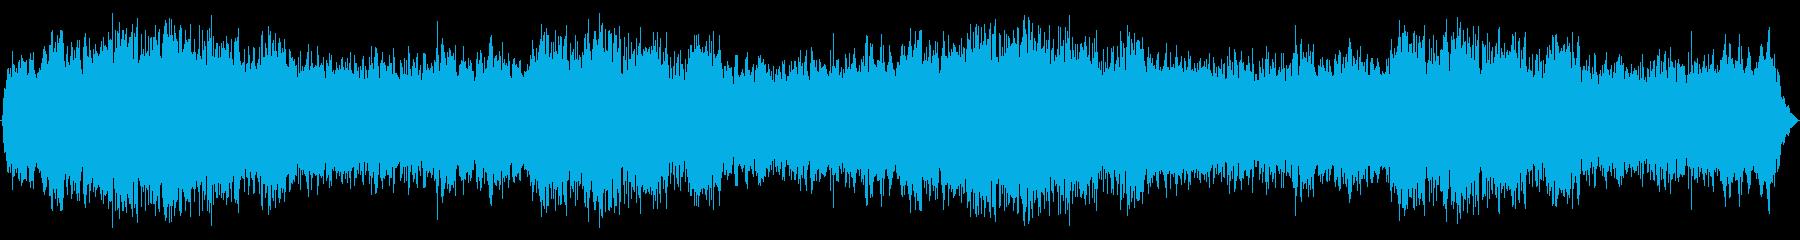 追い詰められる感じのBGSの再生済みの波形